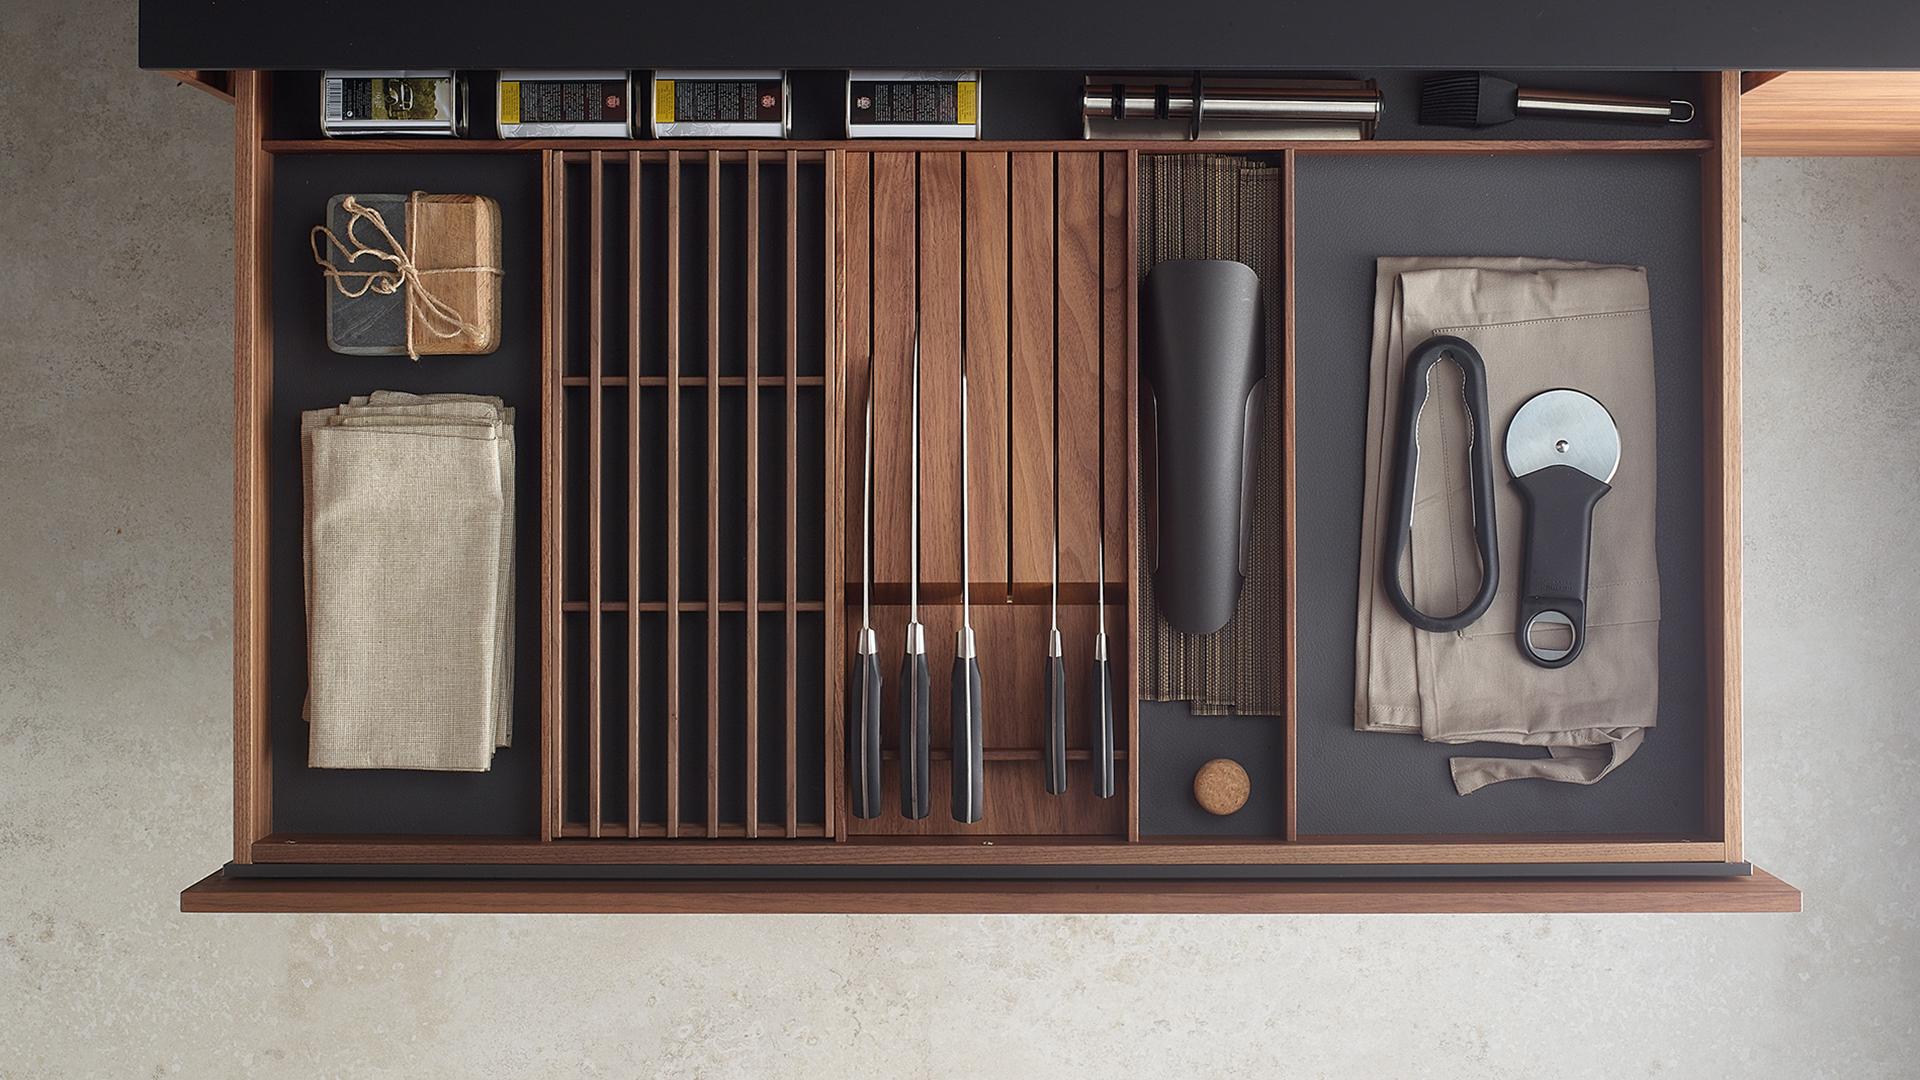 Cajón interior con cuerpo en madera de nogal. Santiago Interiores